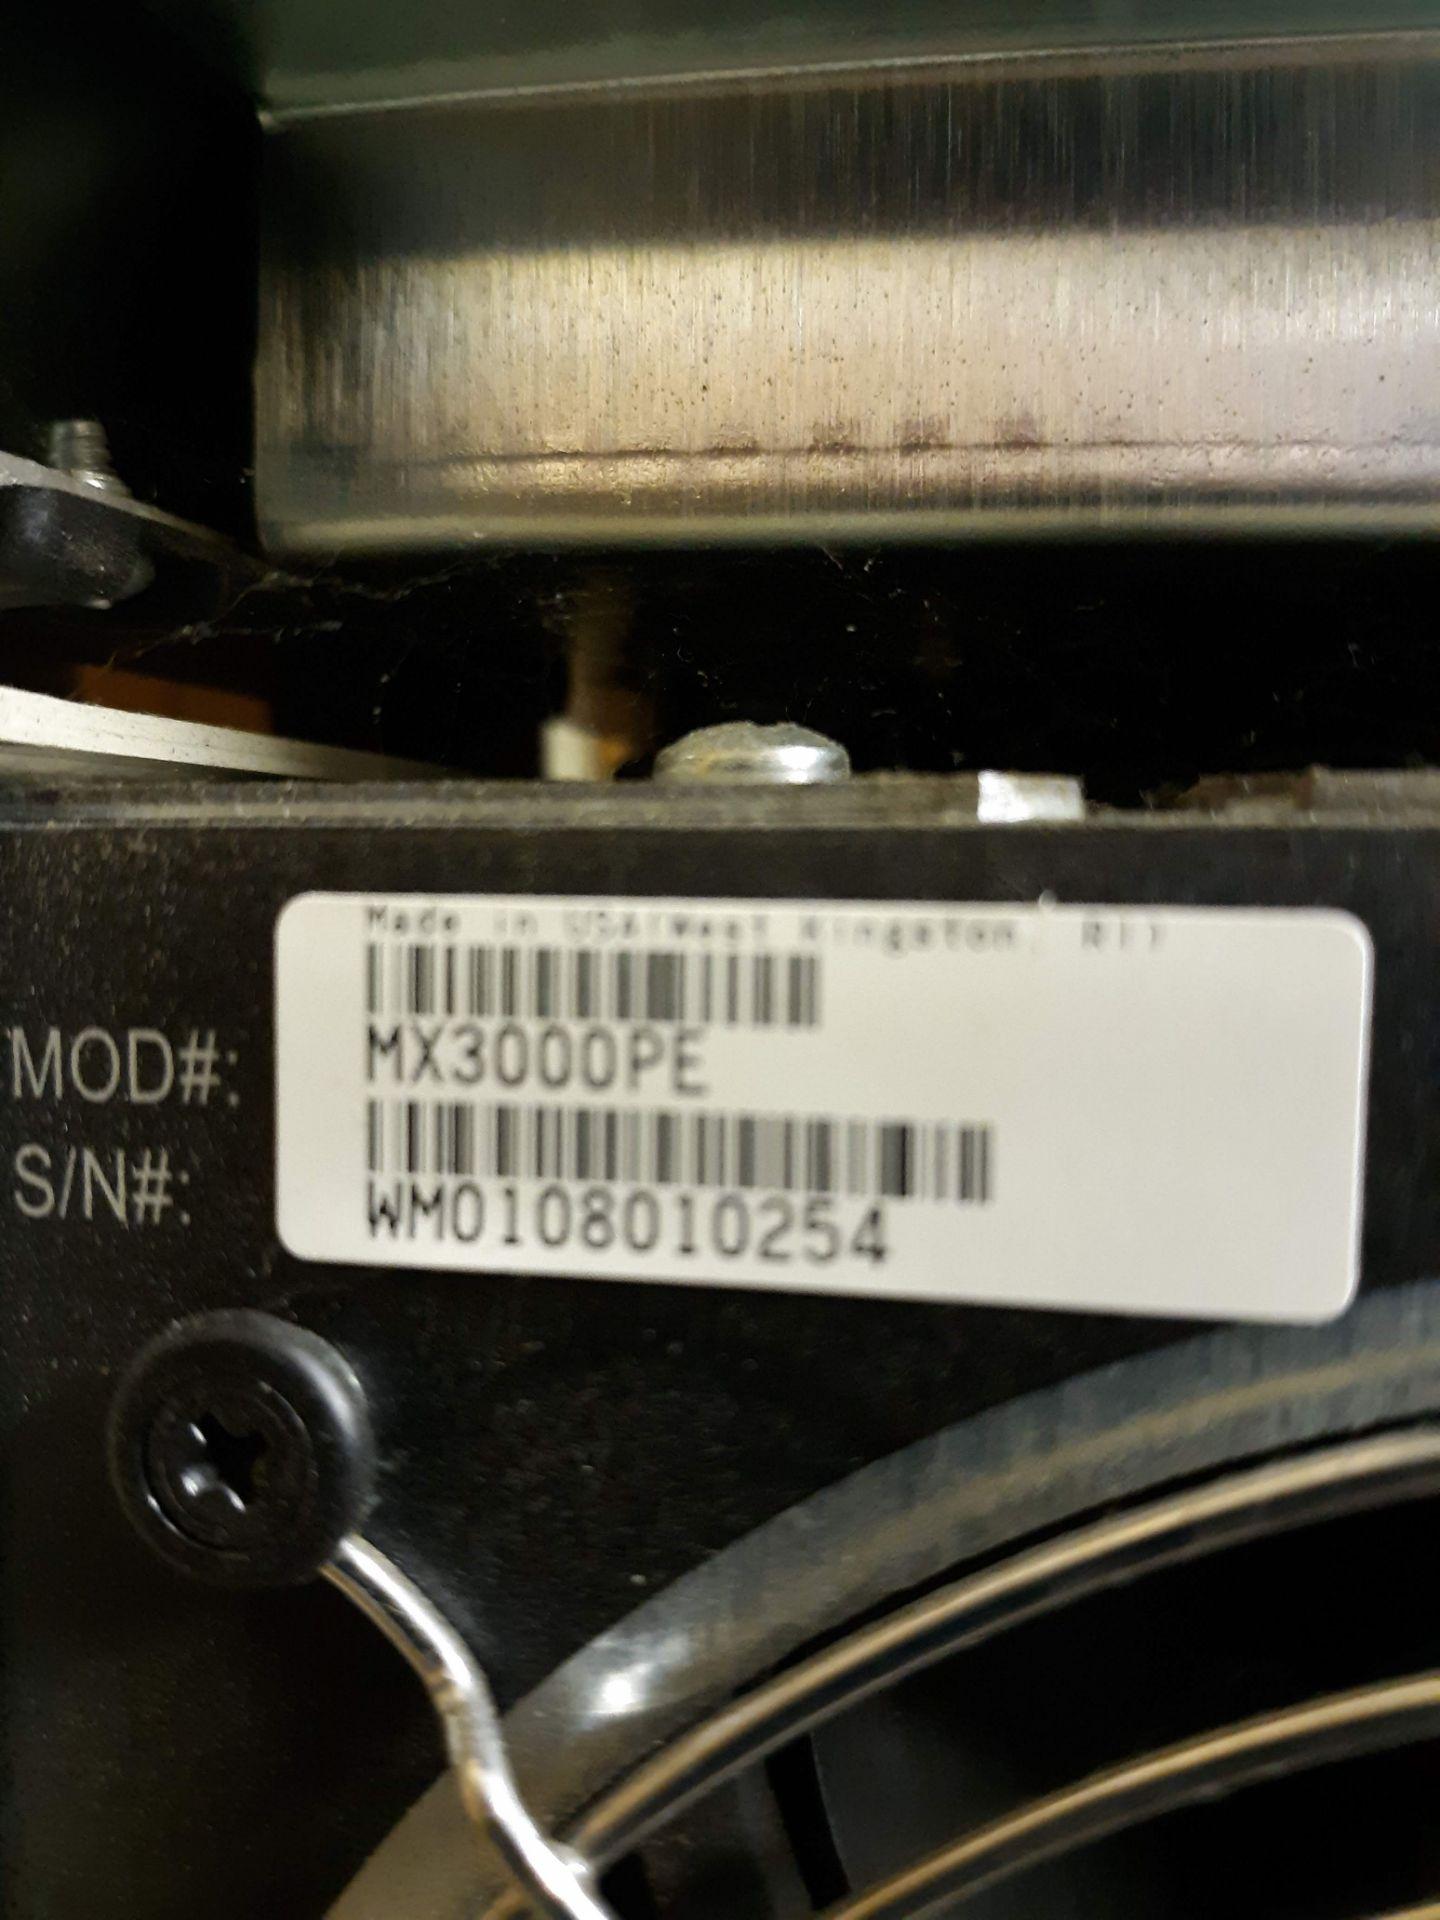 Lot 1233 - APC MATRIX3000/MATRIX-UPS3000 MX3000EU POWER CONTROL MODULE MX3000PE UPS(LOCATED AT: 433 COUNCIL